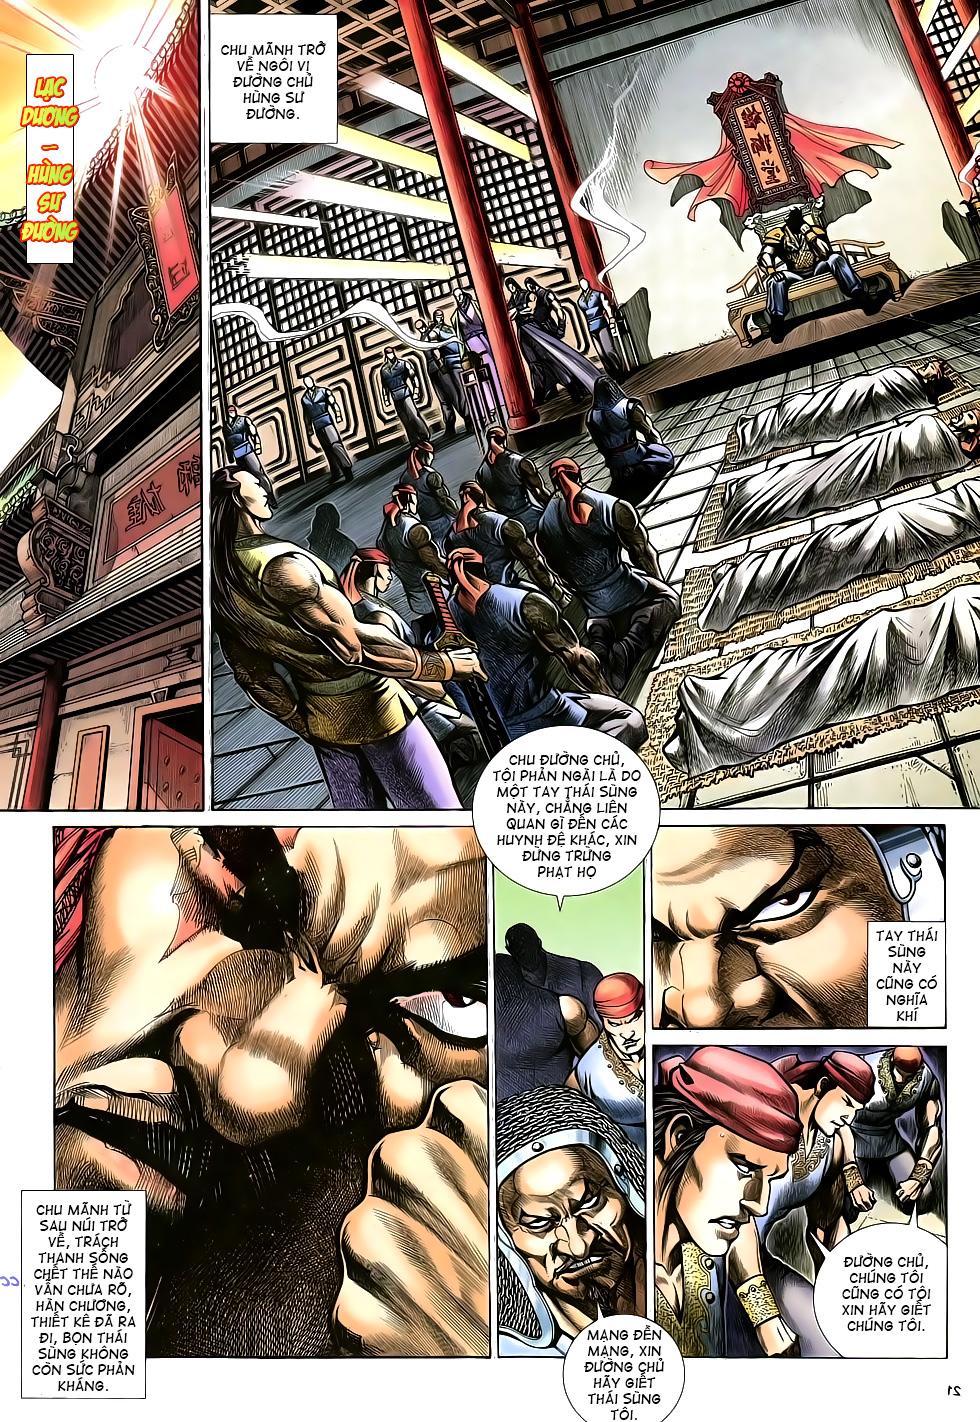 Anh hùng vô lệ Chap 16: Kiếm túy sư cuồng bất lưu đấu  trang 22